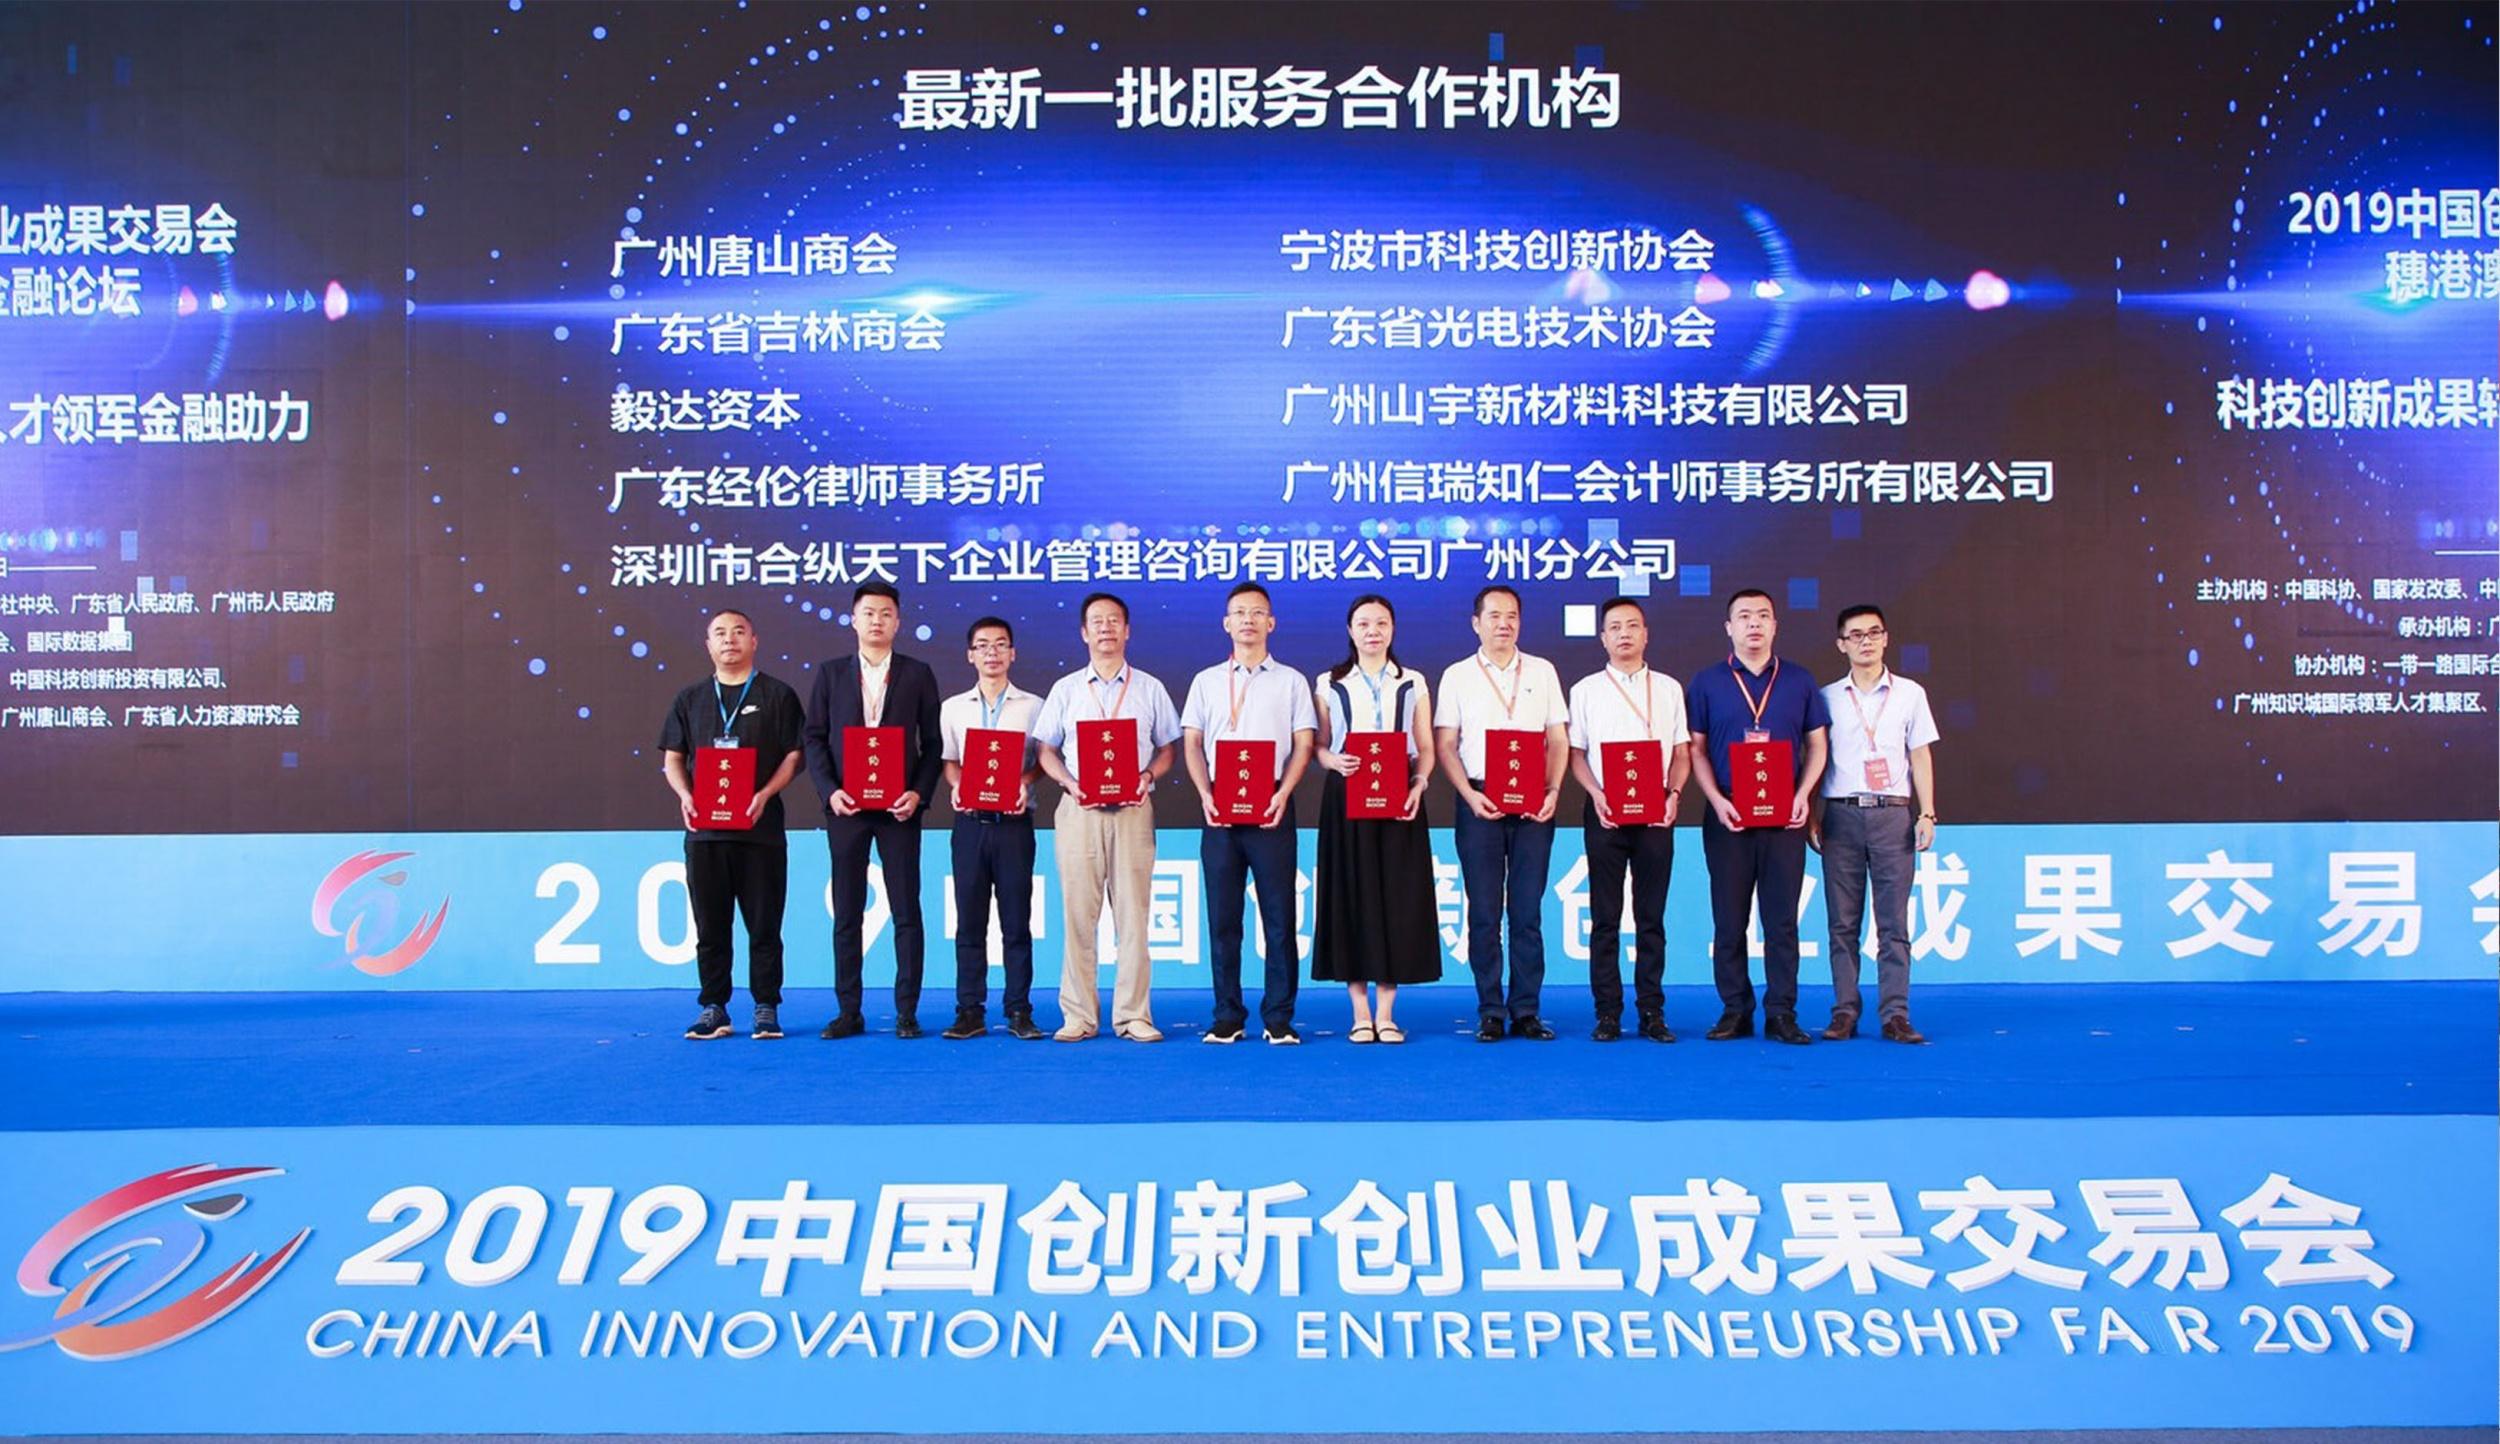 2019中國導航k6福利500創業成果交易會